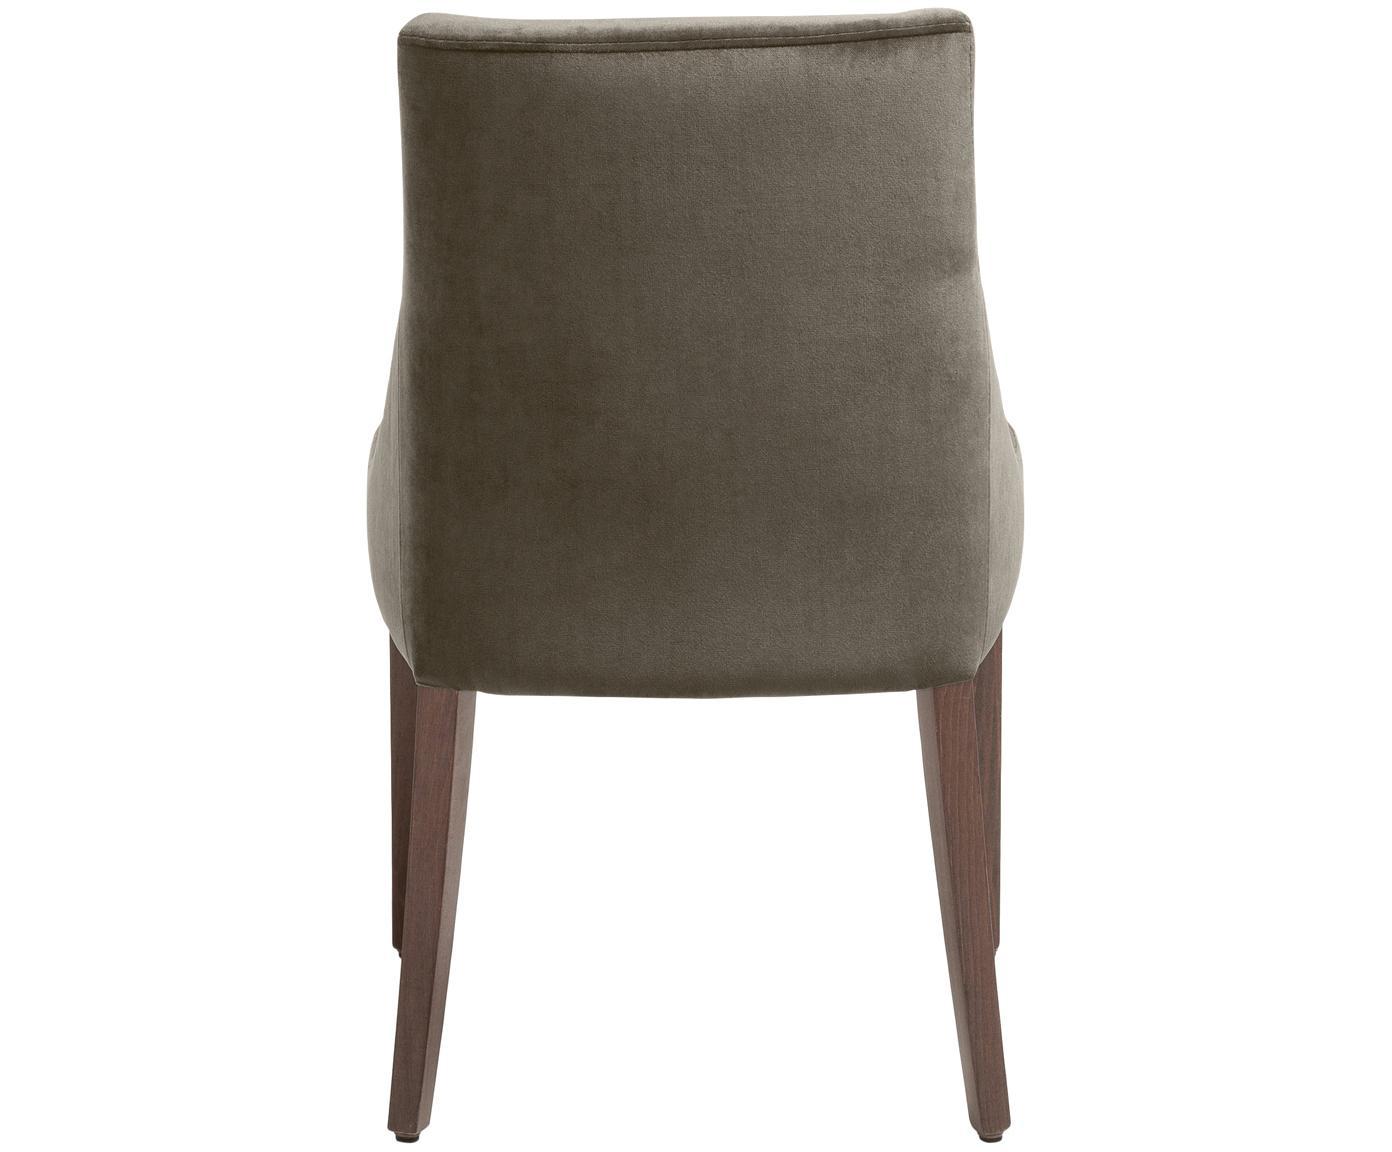 Fluweel beklede stoel Manhattan, Poten: Beukenhout, Donker gebeit, Hoes: Donkergrijs<br>Poten: Beukenhout, Donker gebeitst, 52 x 86 cm